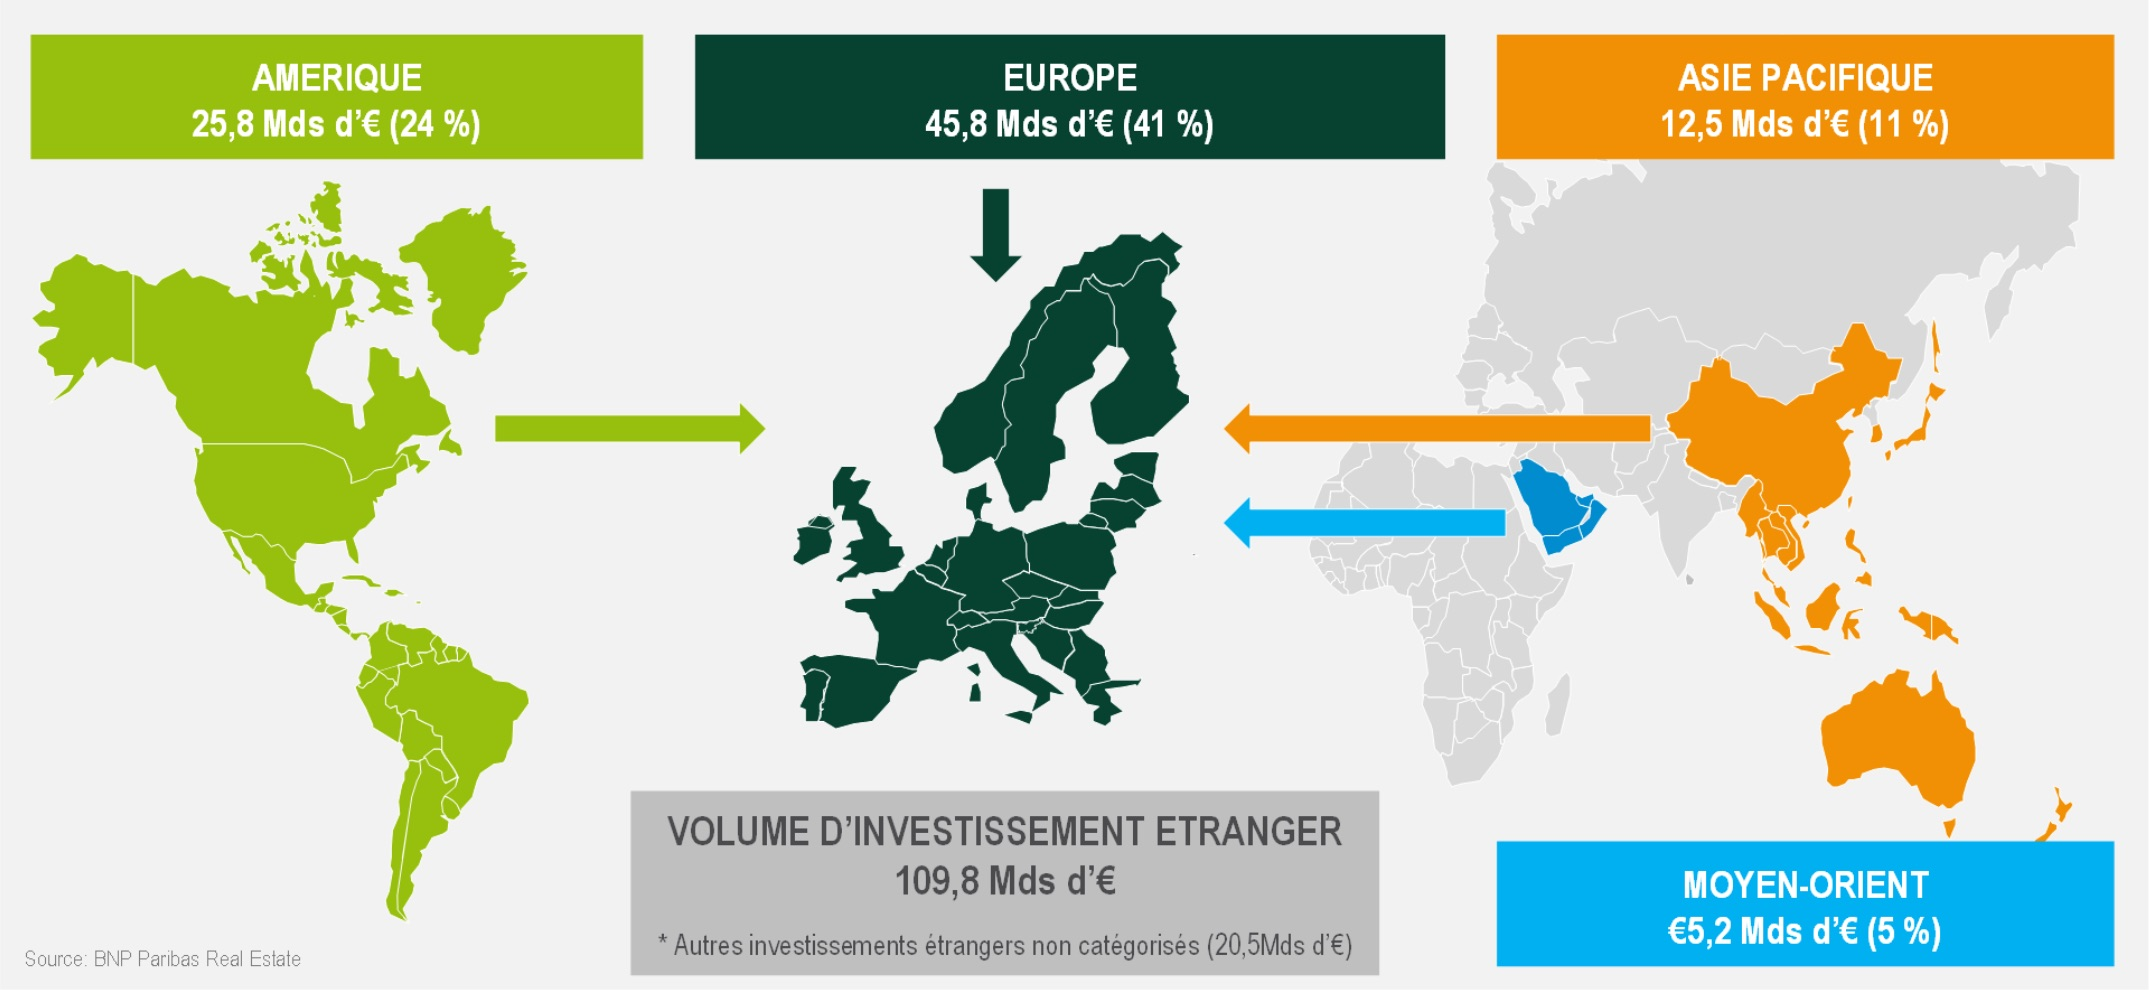 ou investir dans l'immobilier en europe